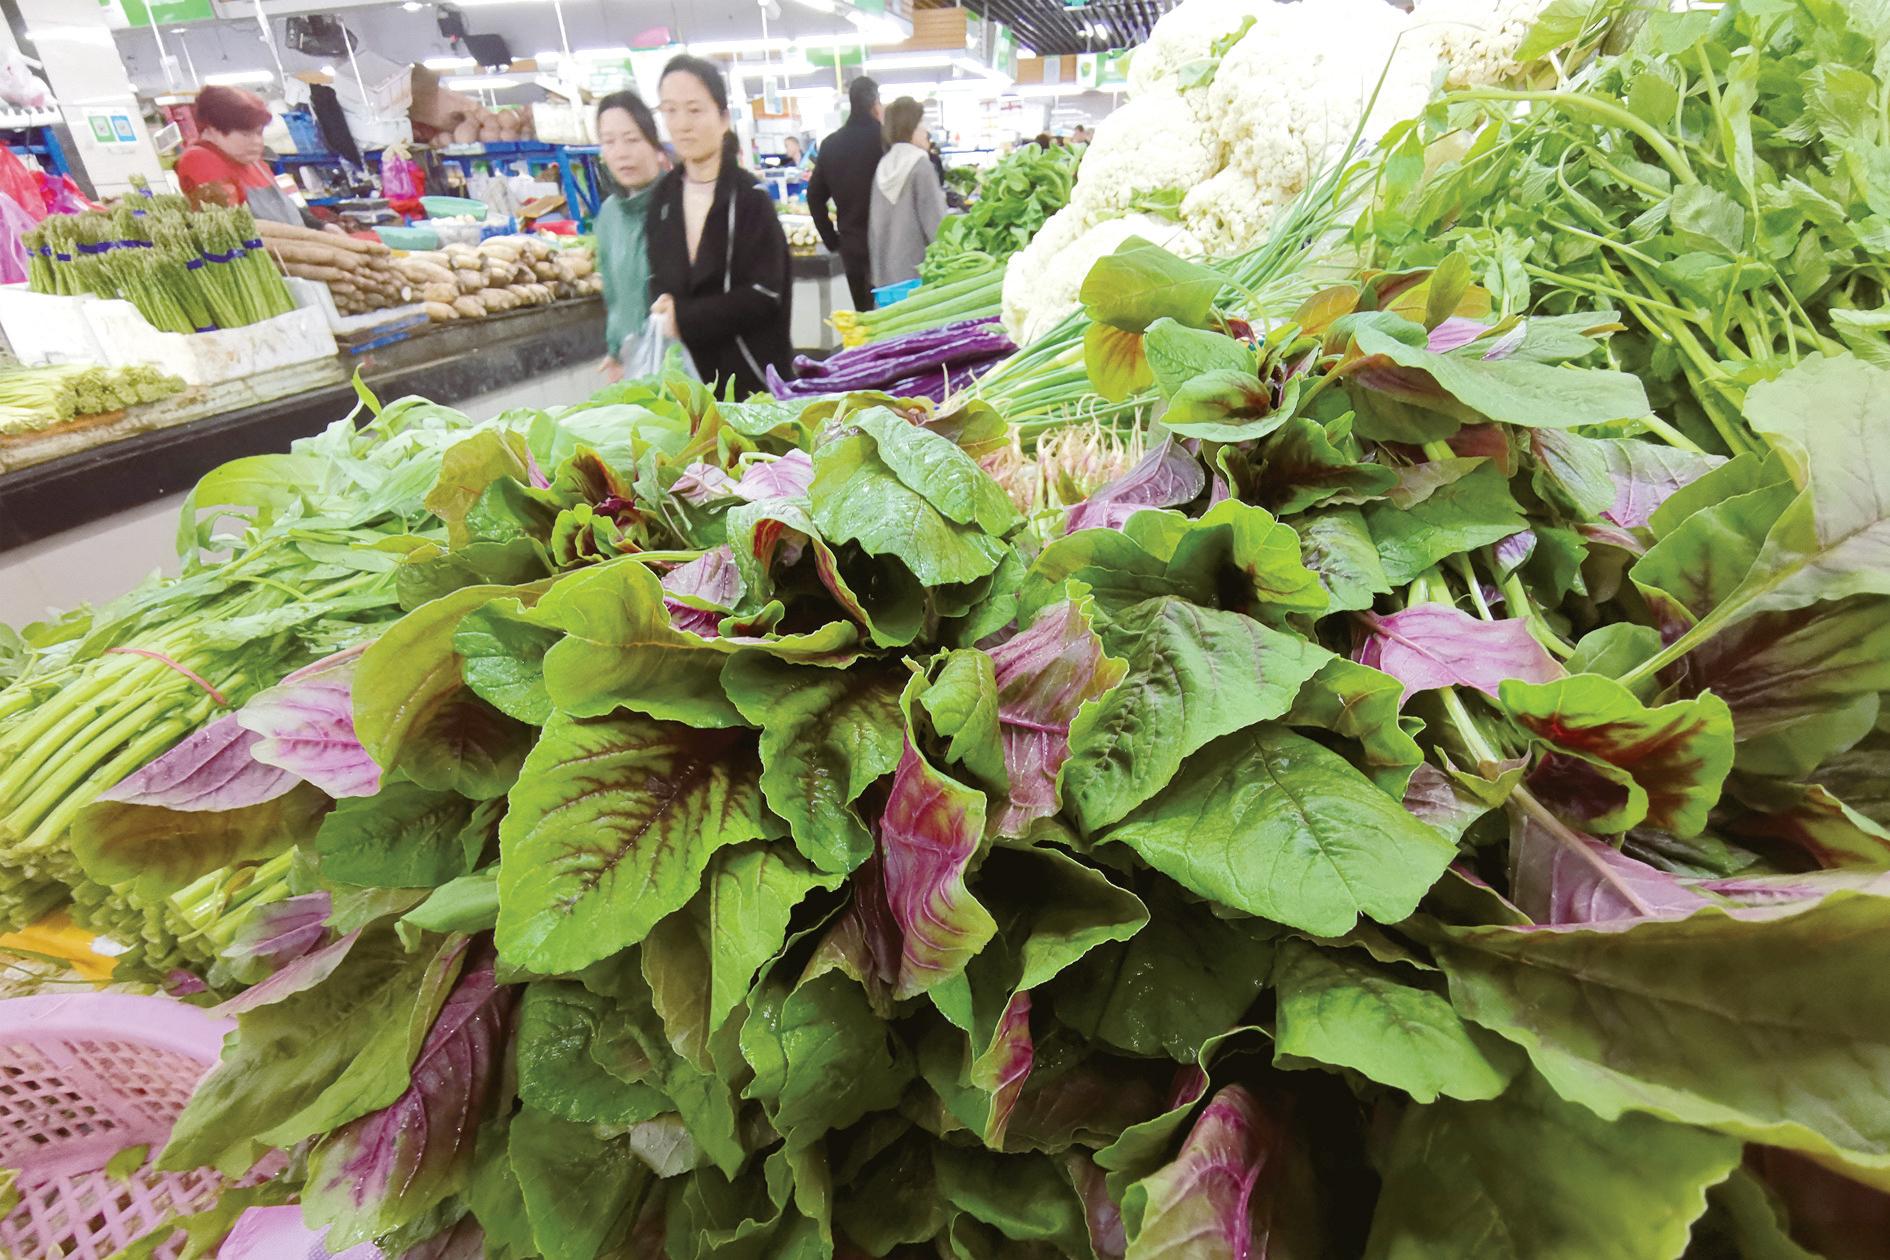 義烏:菜價穩中偏漲